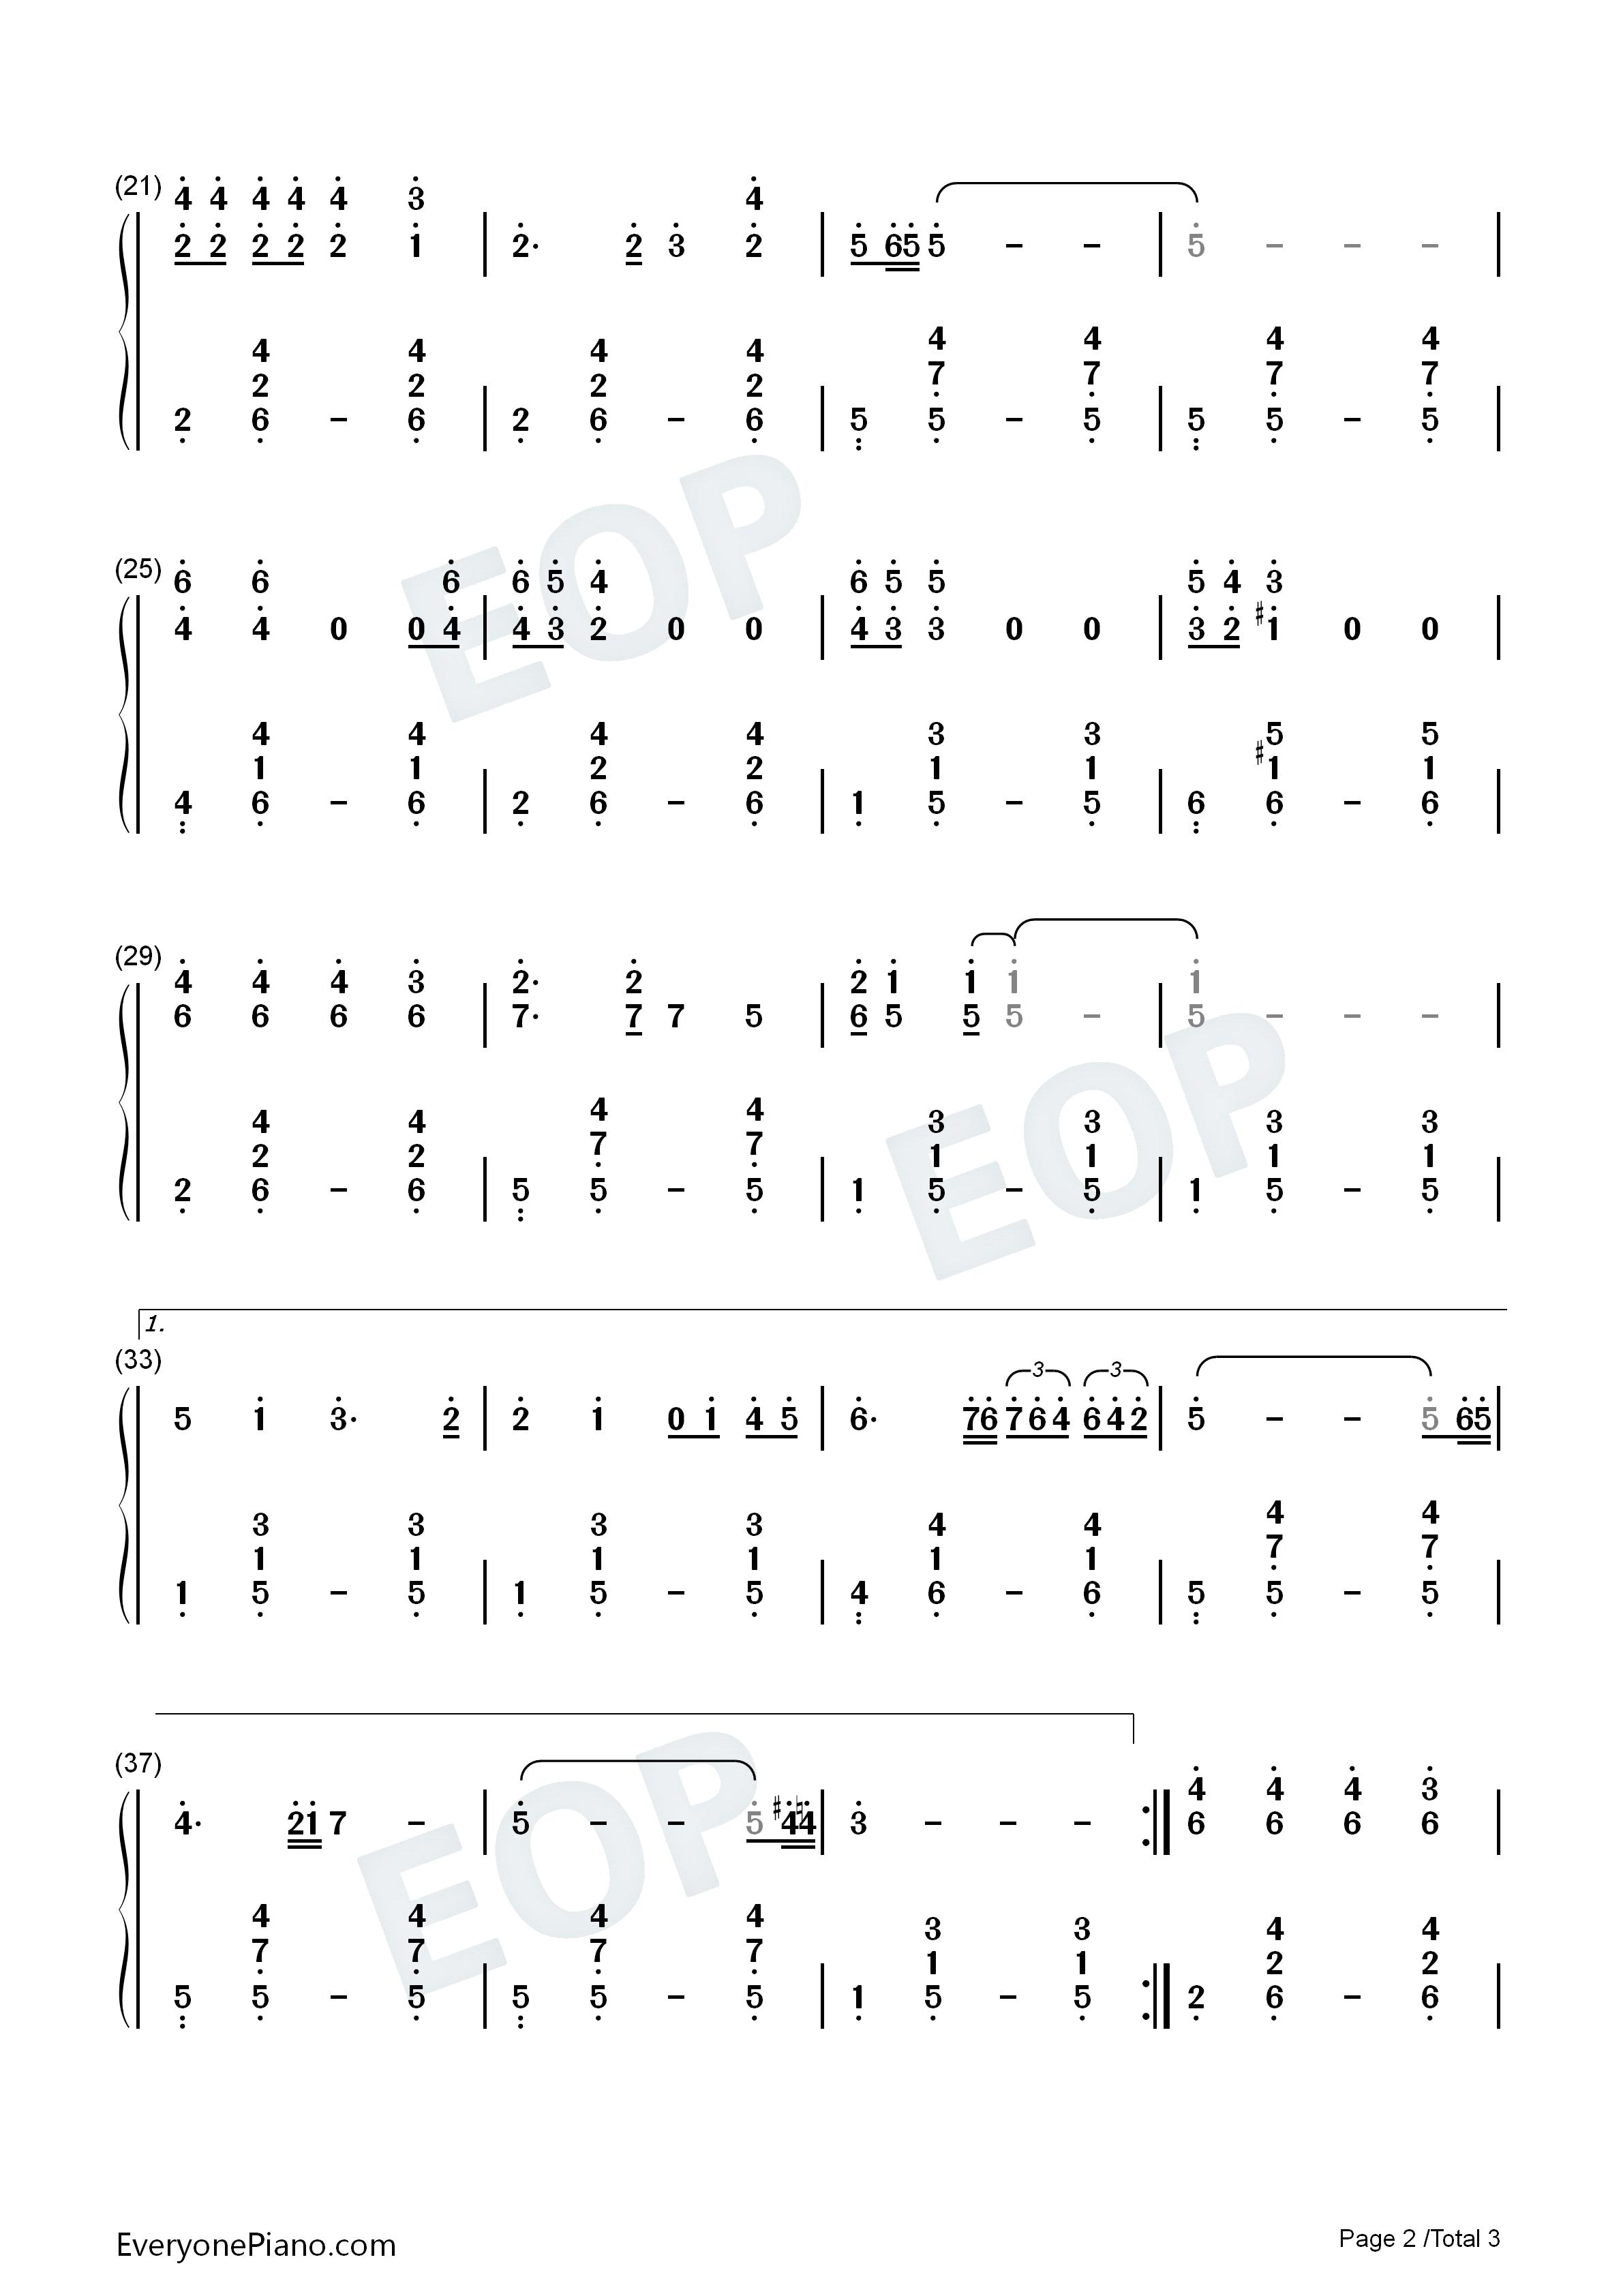 钢琴曲谱 流行 思念-毛阿敏 思念-毛阿敏双手简谱预览2  }  仅供学习